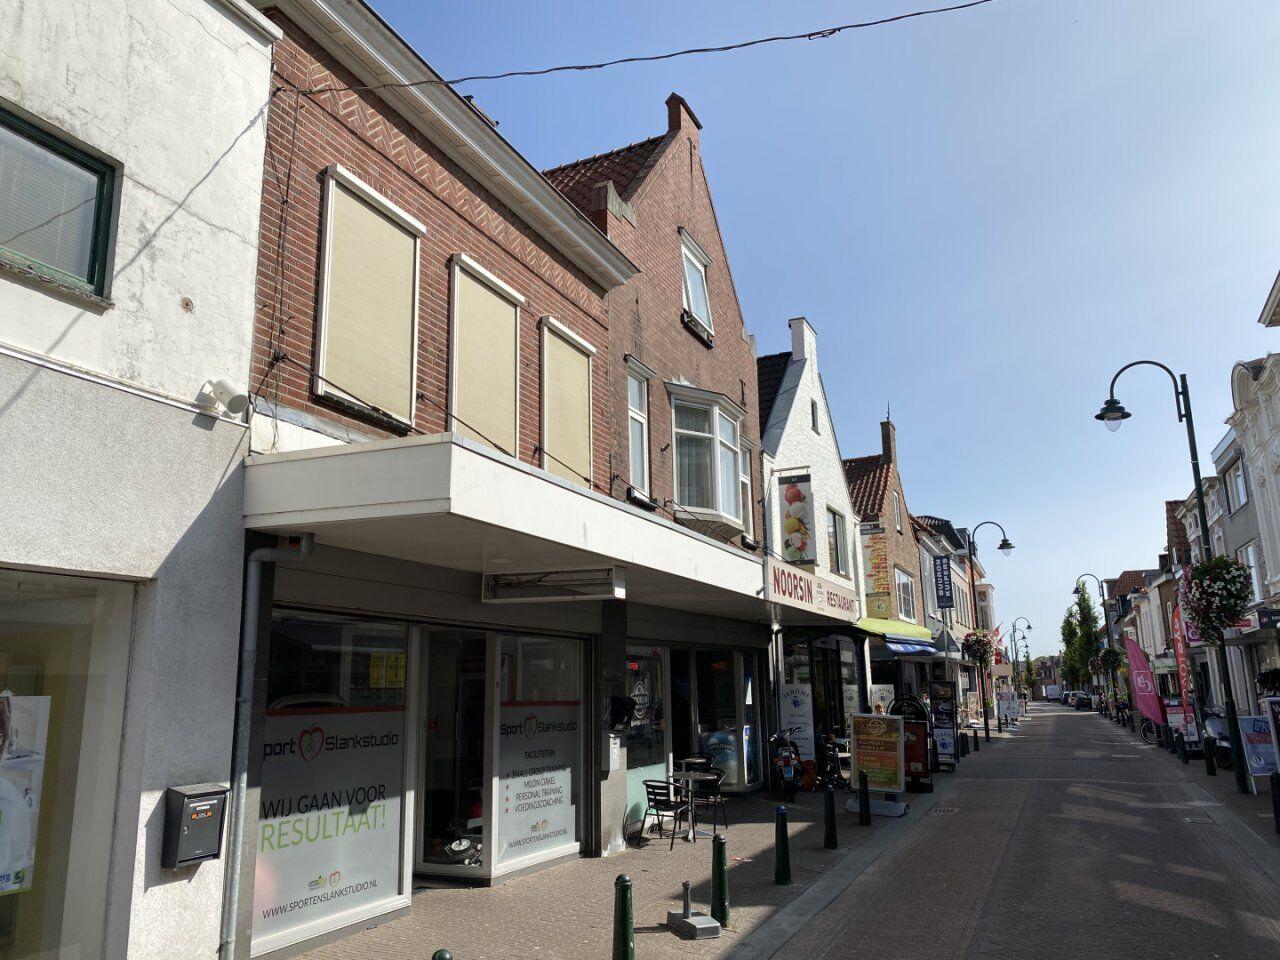 b998-blauwstraat_70-steenbergen-1218700566